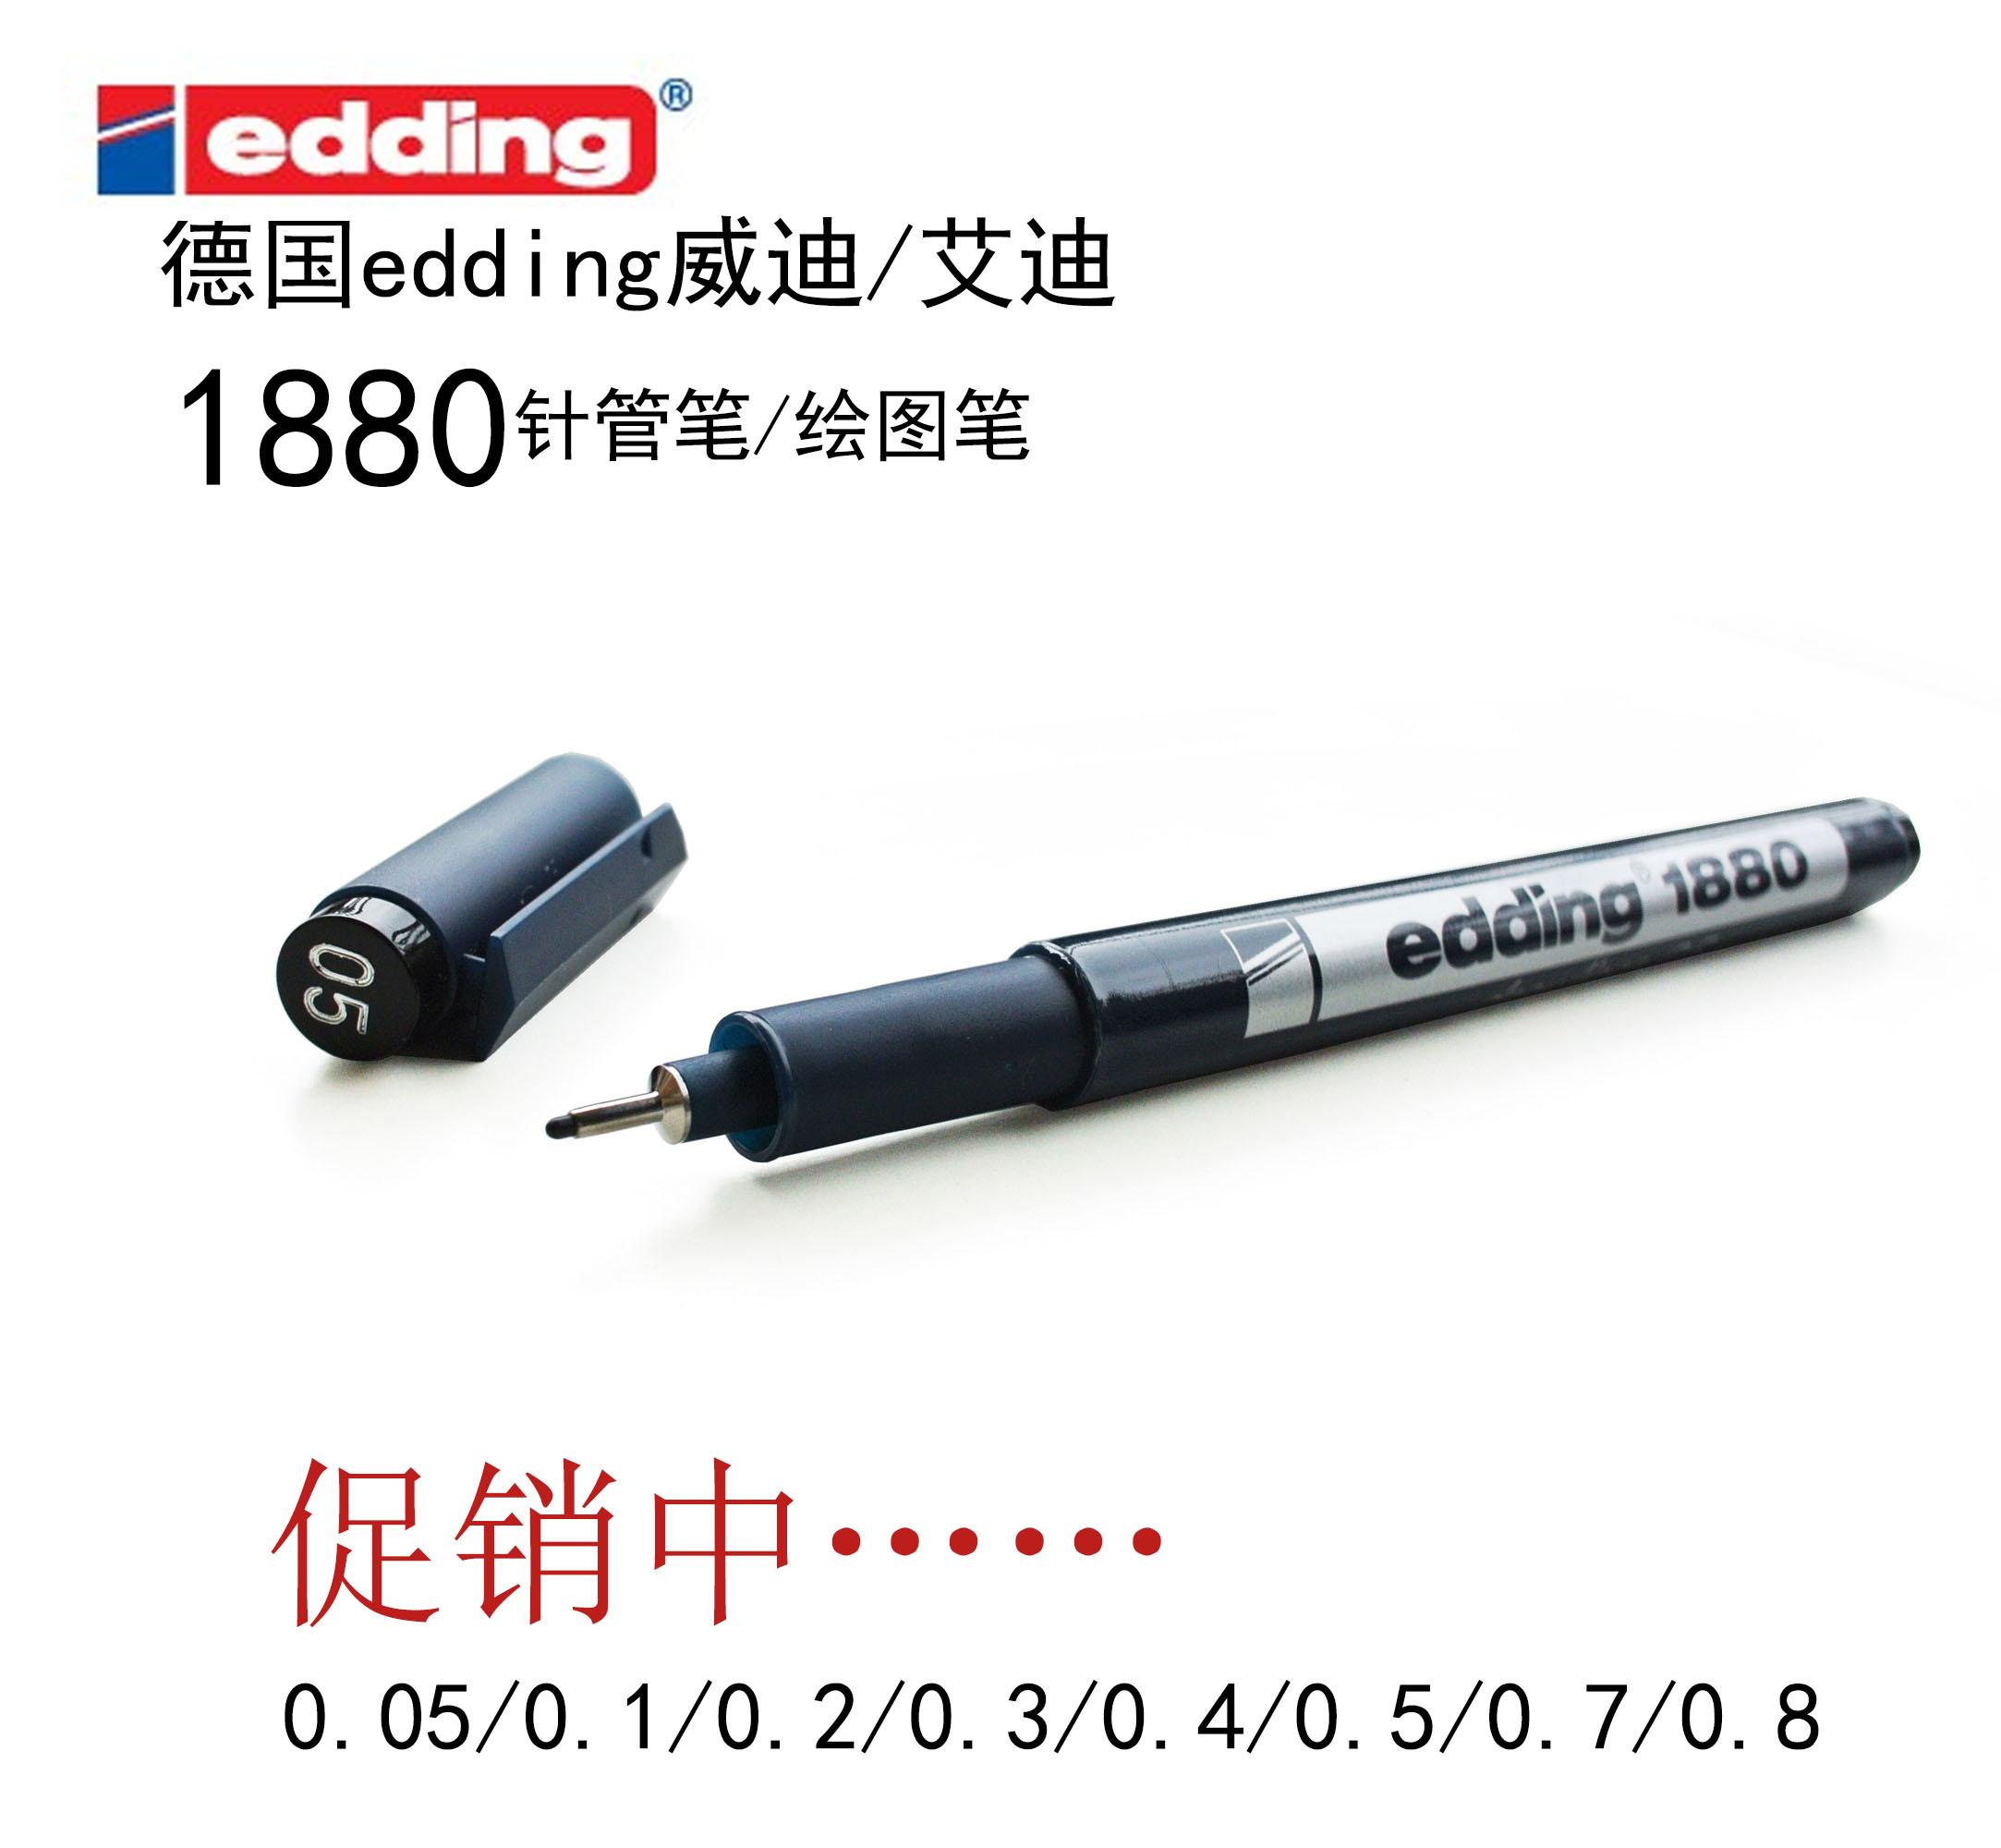 Германия edding1880 игла карандаш / привлечь карандаш карикатура прекрасный техника крюк линии ручка edding